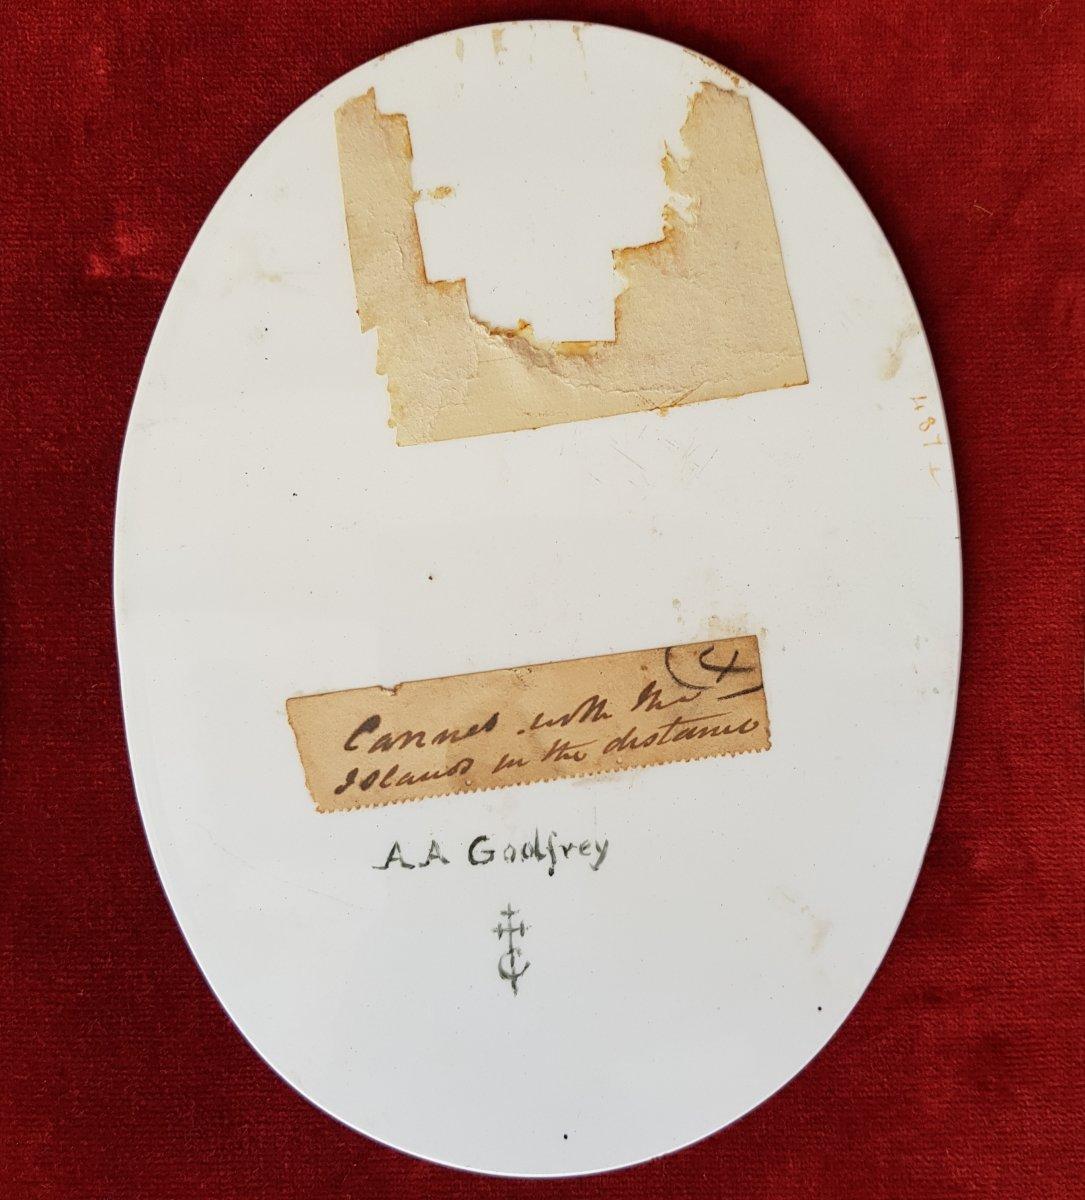 4 Vues De Cannes,antibes,poggio Et San Remo Plaques Ceramique Adélaide Anne Godfrey (1827-1915)-photo-3